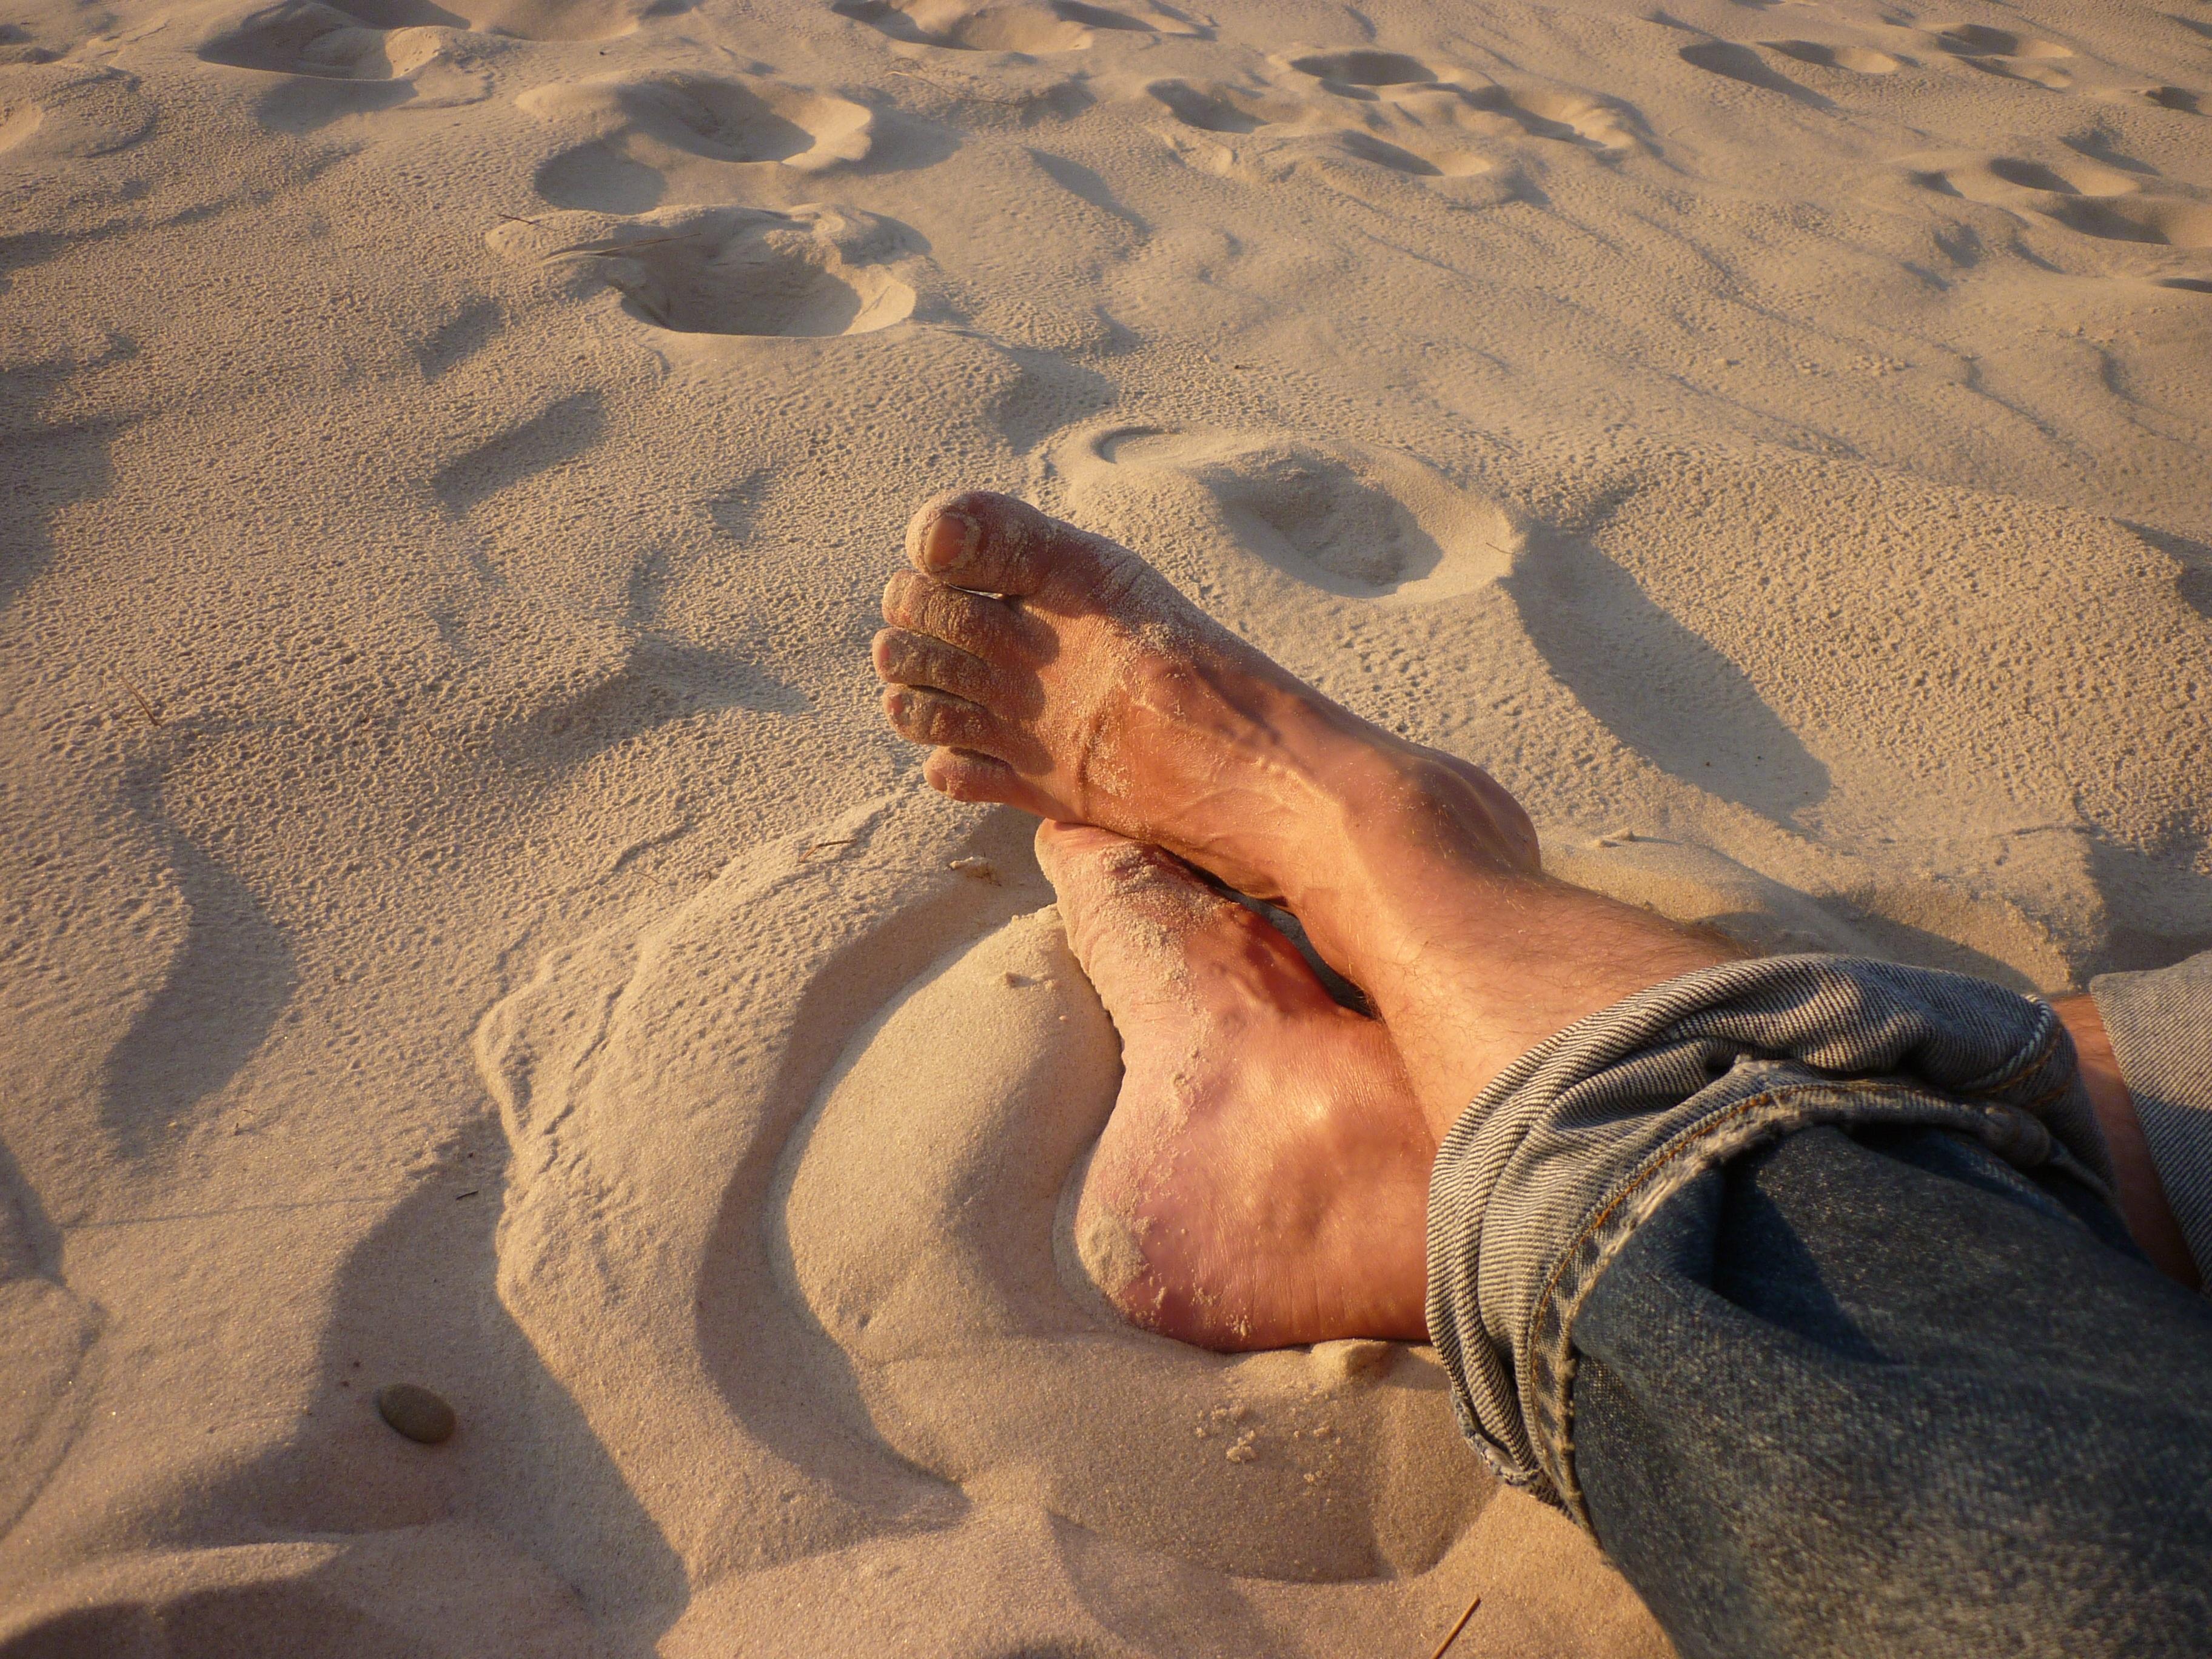 ноги на песке фото желает